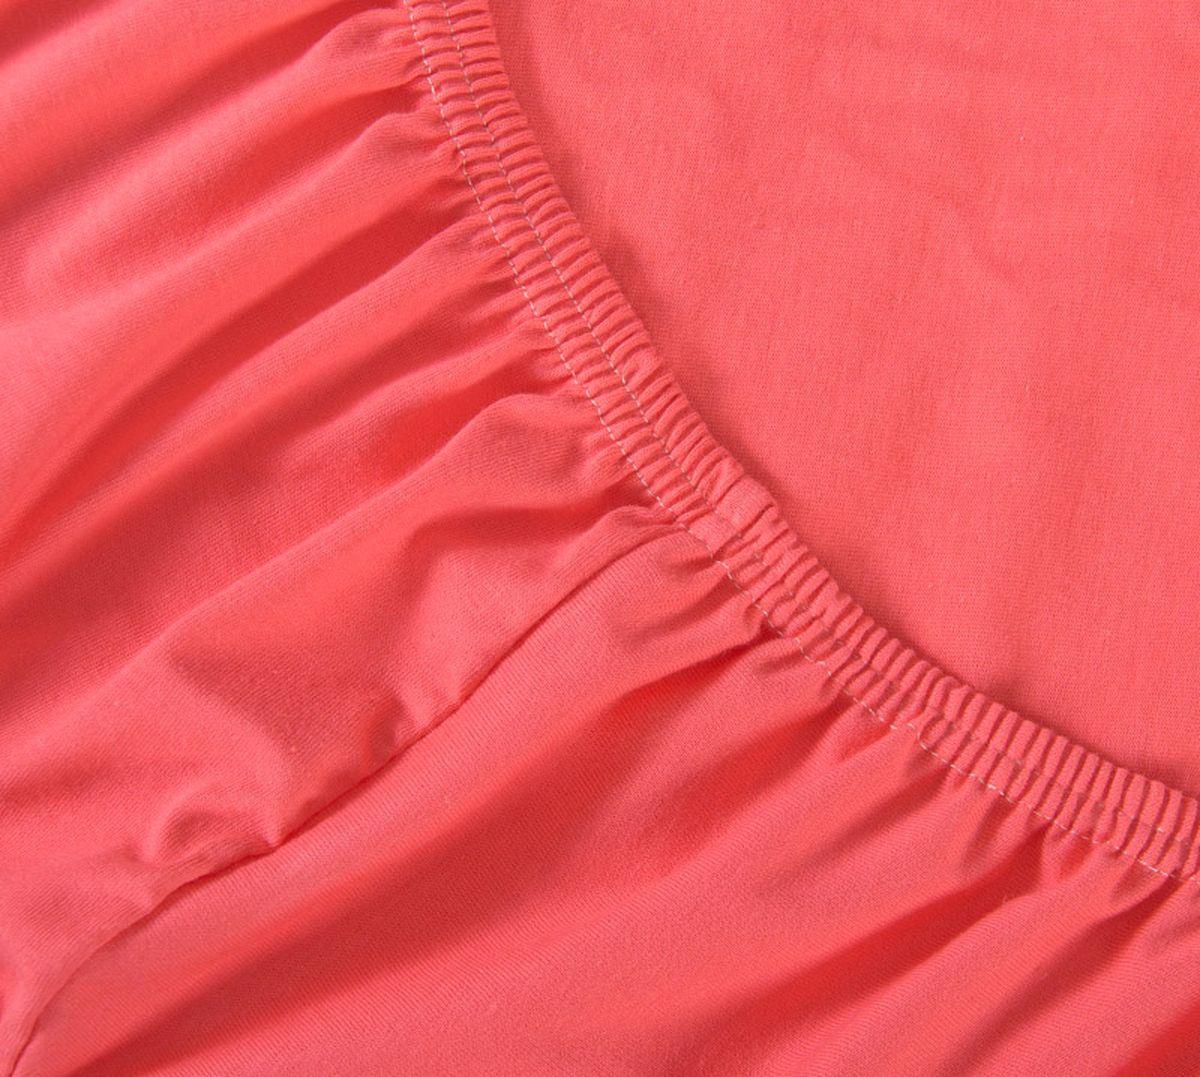 Простыня Текс-Дизайн, на резинке, цвет: коралловый, 160 х 200 х 20 смР013ТПростыня Текс-Дизайн изготовлена из трикотажа высокого качества, состоящего на 100% из хлопка. По всему периметру простыня снабжена резинкой, что обеспечивает комфортный отдых, и избавляет от неприятных ощущений скомкавшейся во время сна изделия. Простыня легко одевается на матрасы высотой до 20 см. Идеально подходит в качестве наматрасника.Трикотаж эластичен и растяжим, практически не мнется и не теряет форму после стирки. И кроме того он очень красиво выглядит и приятен на ощупь.